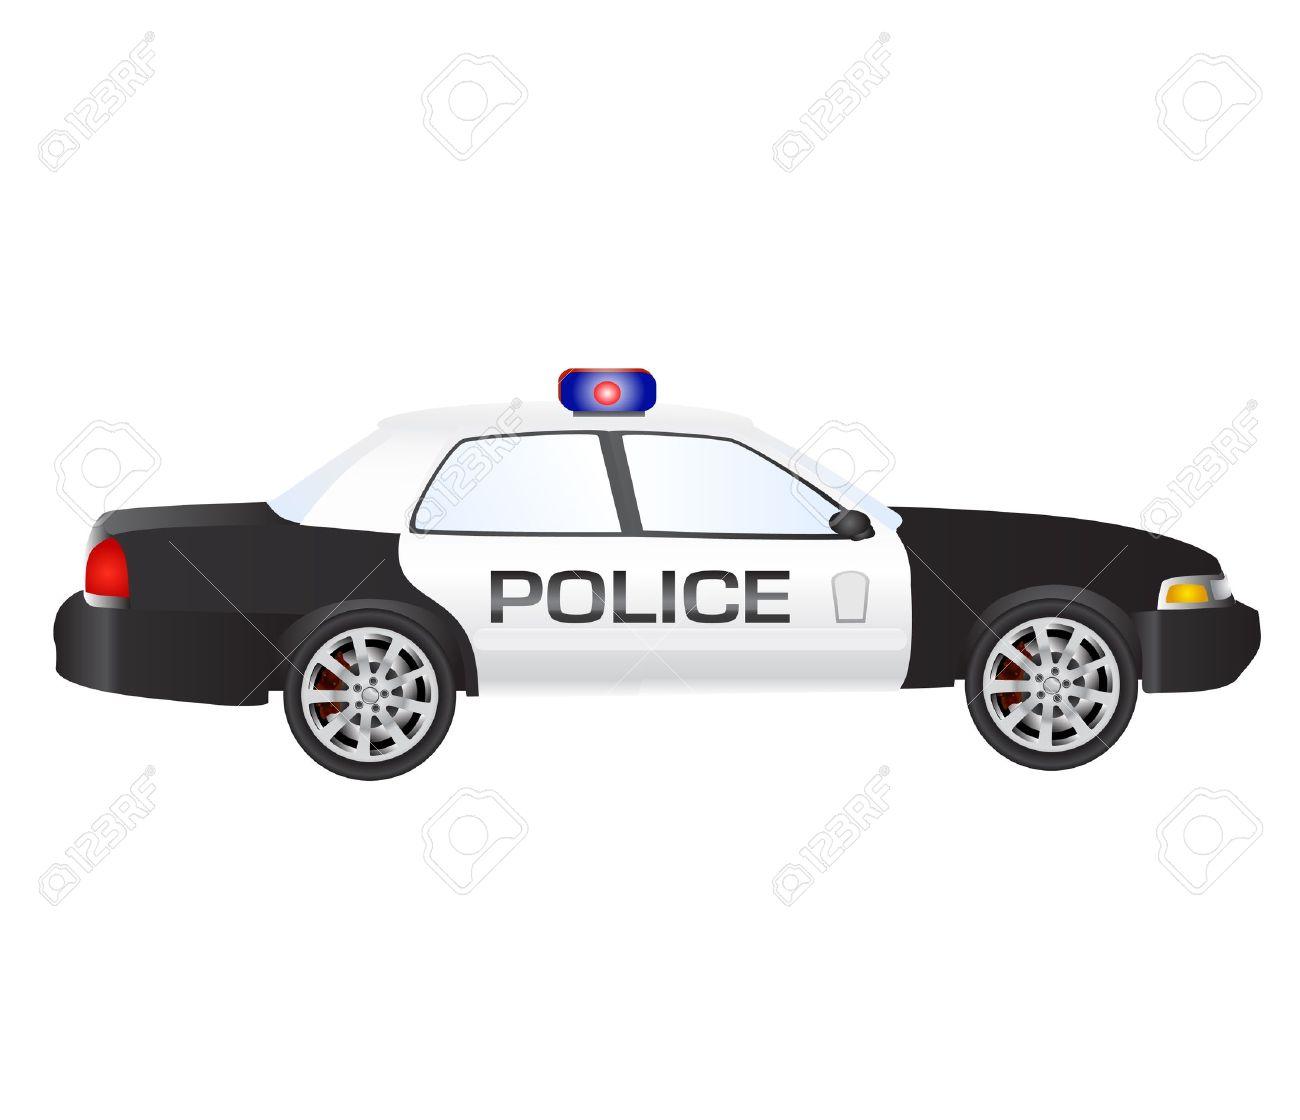 police car vector Stock Vector - 11155512